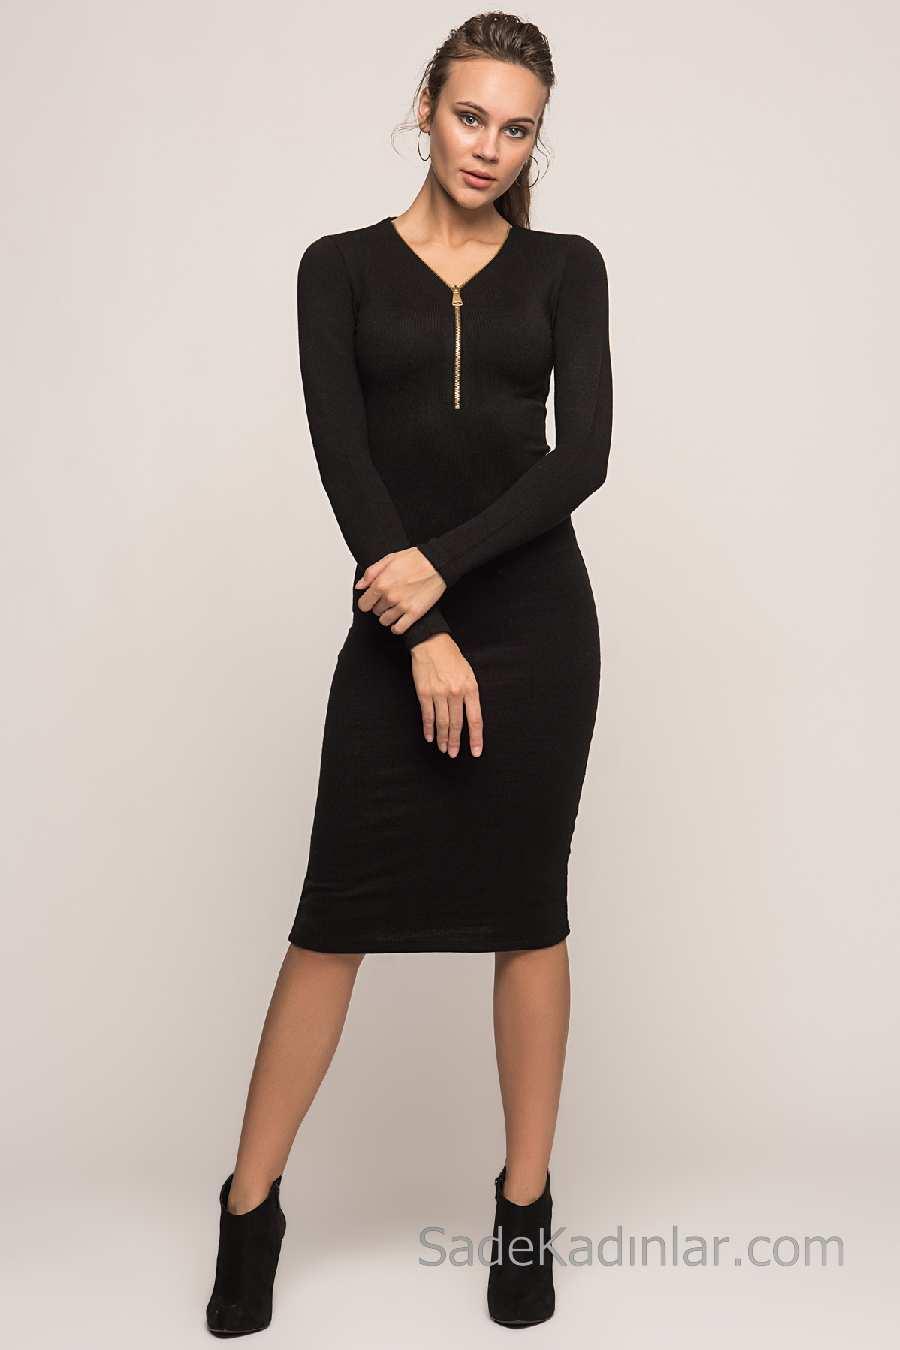 410cfc2553cbf 2018 Kışlık Elbise Modelleri Siyah Diz Altı V Yakalı Fermuarlı · «